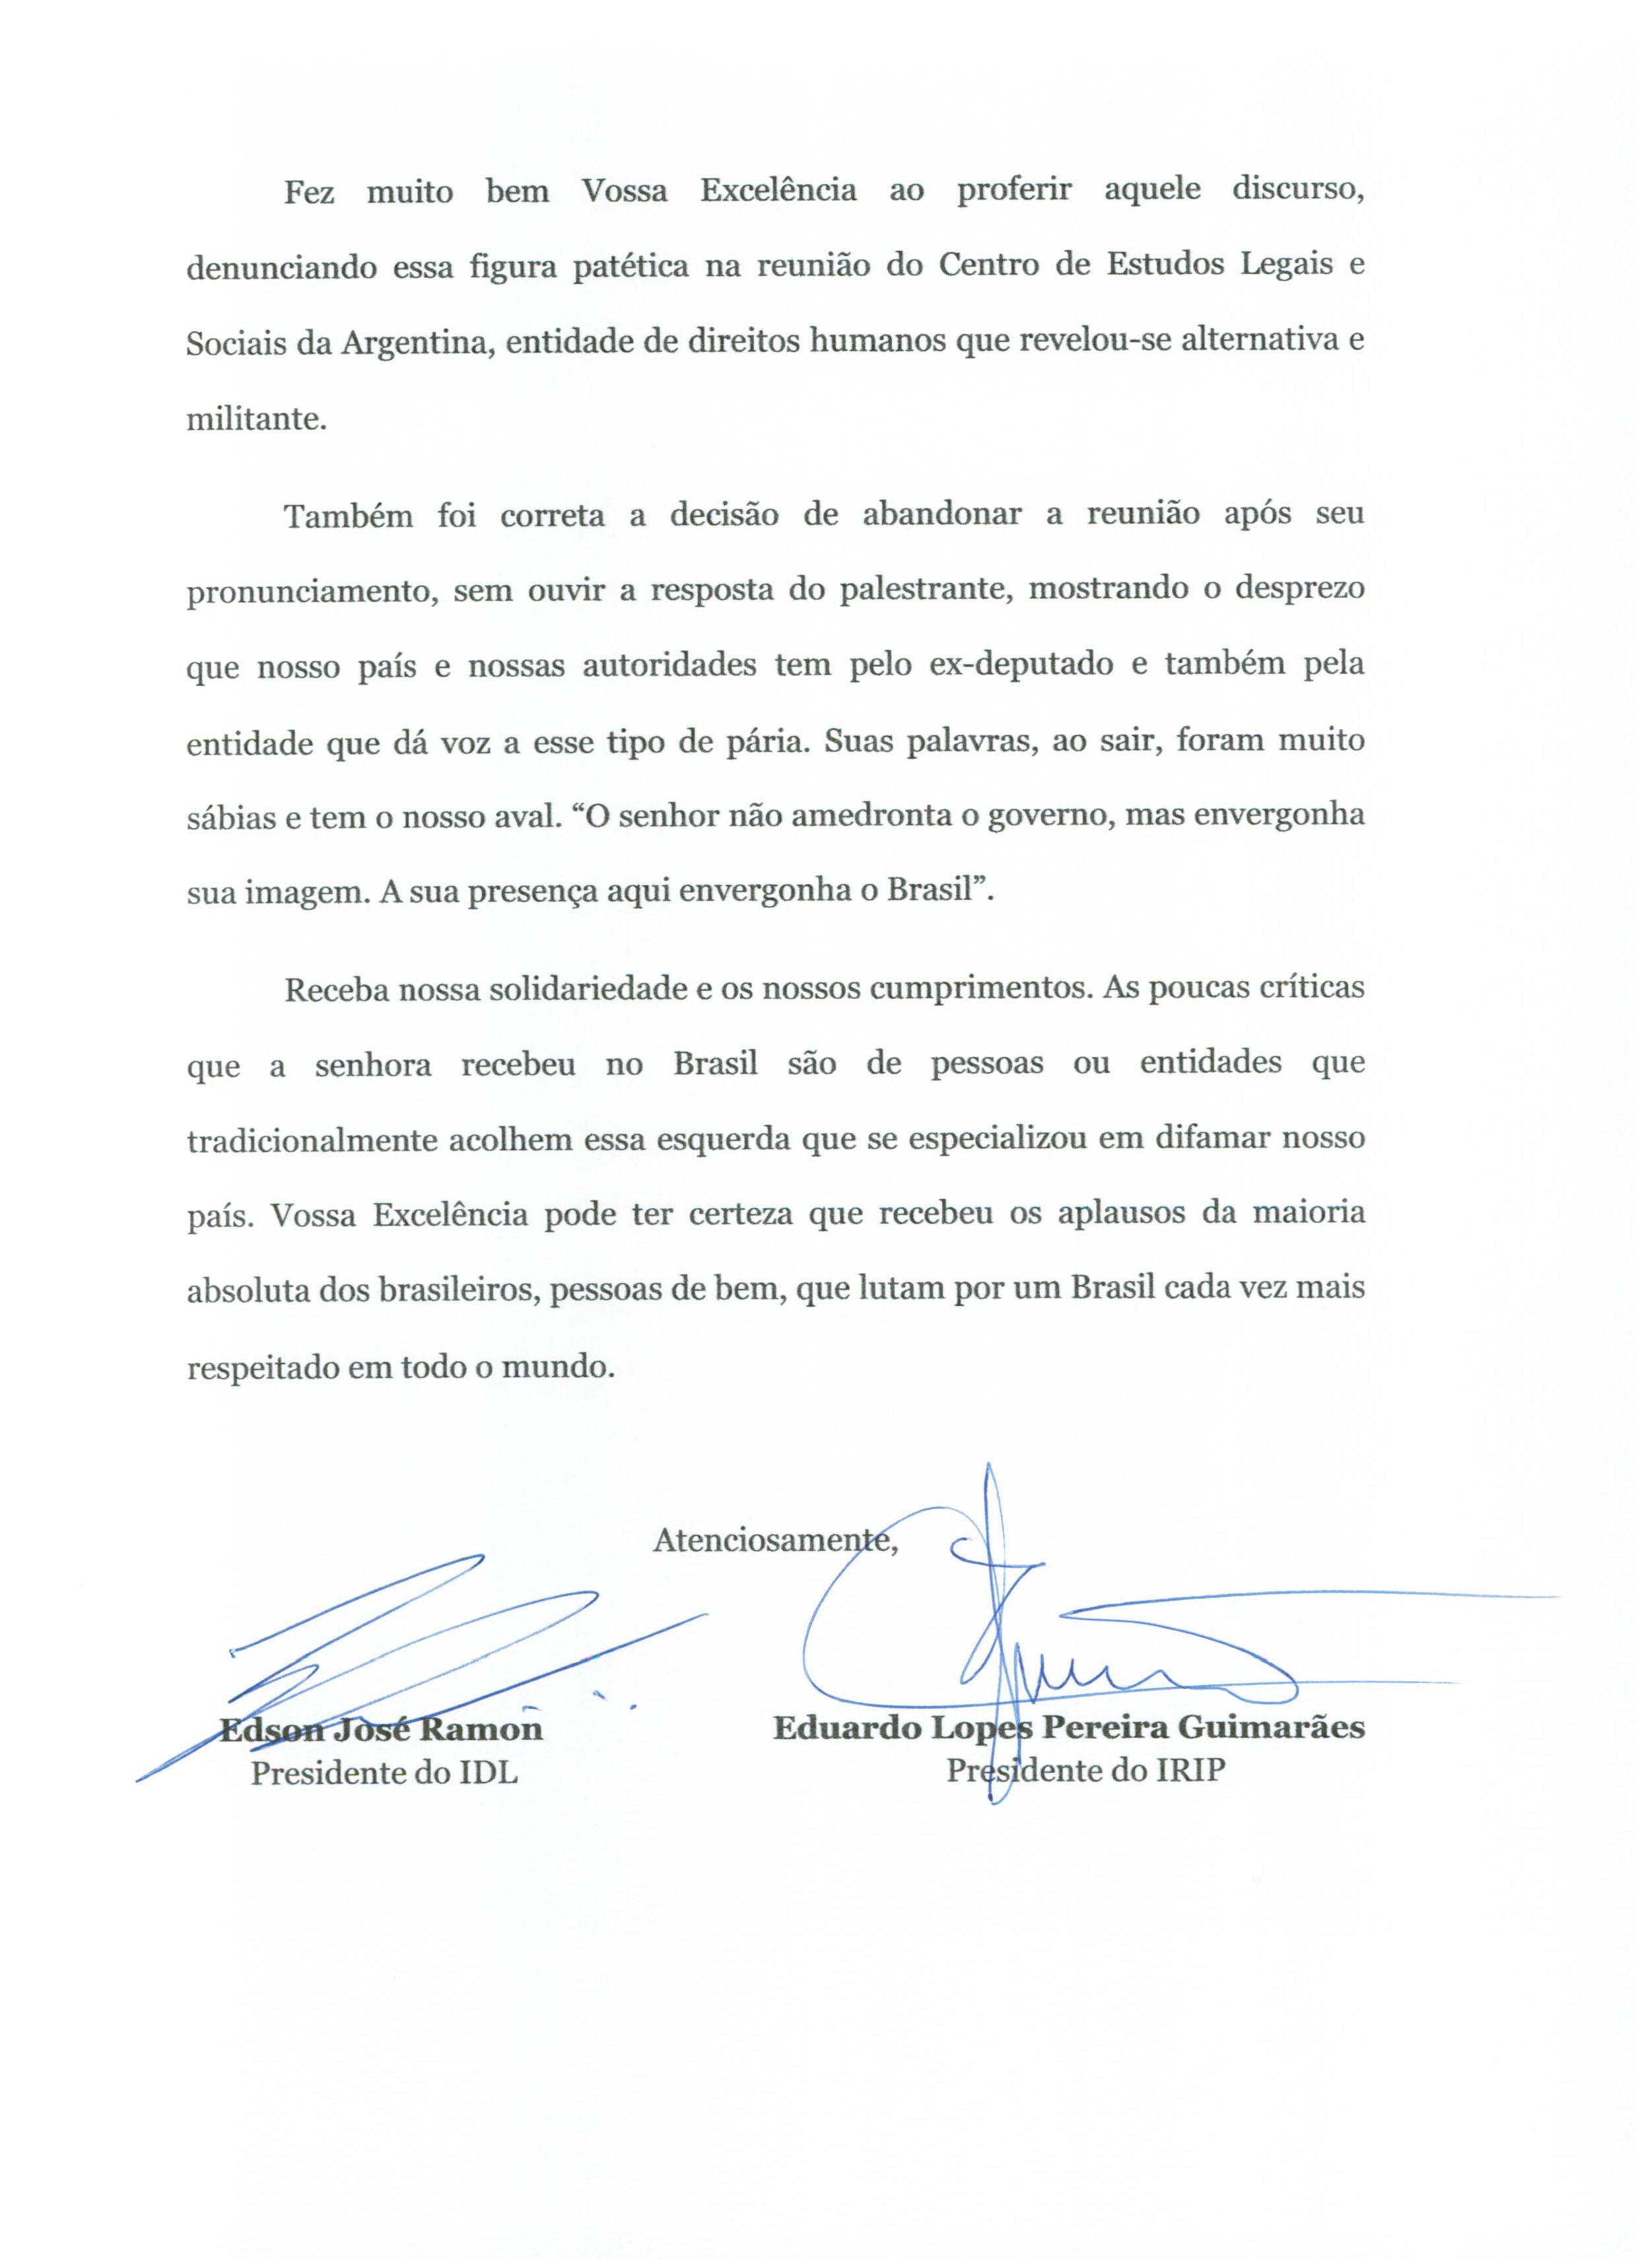 CARTA EMBAIXADORA DO BRASIL NAS NAÇÕES UNIDAS-2